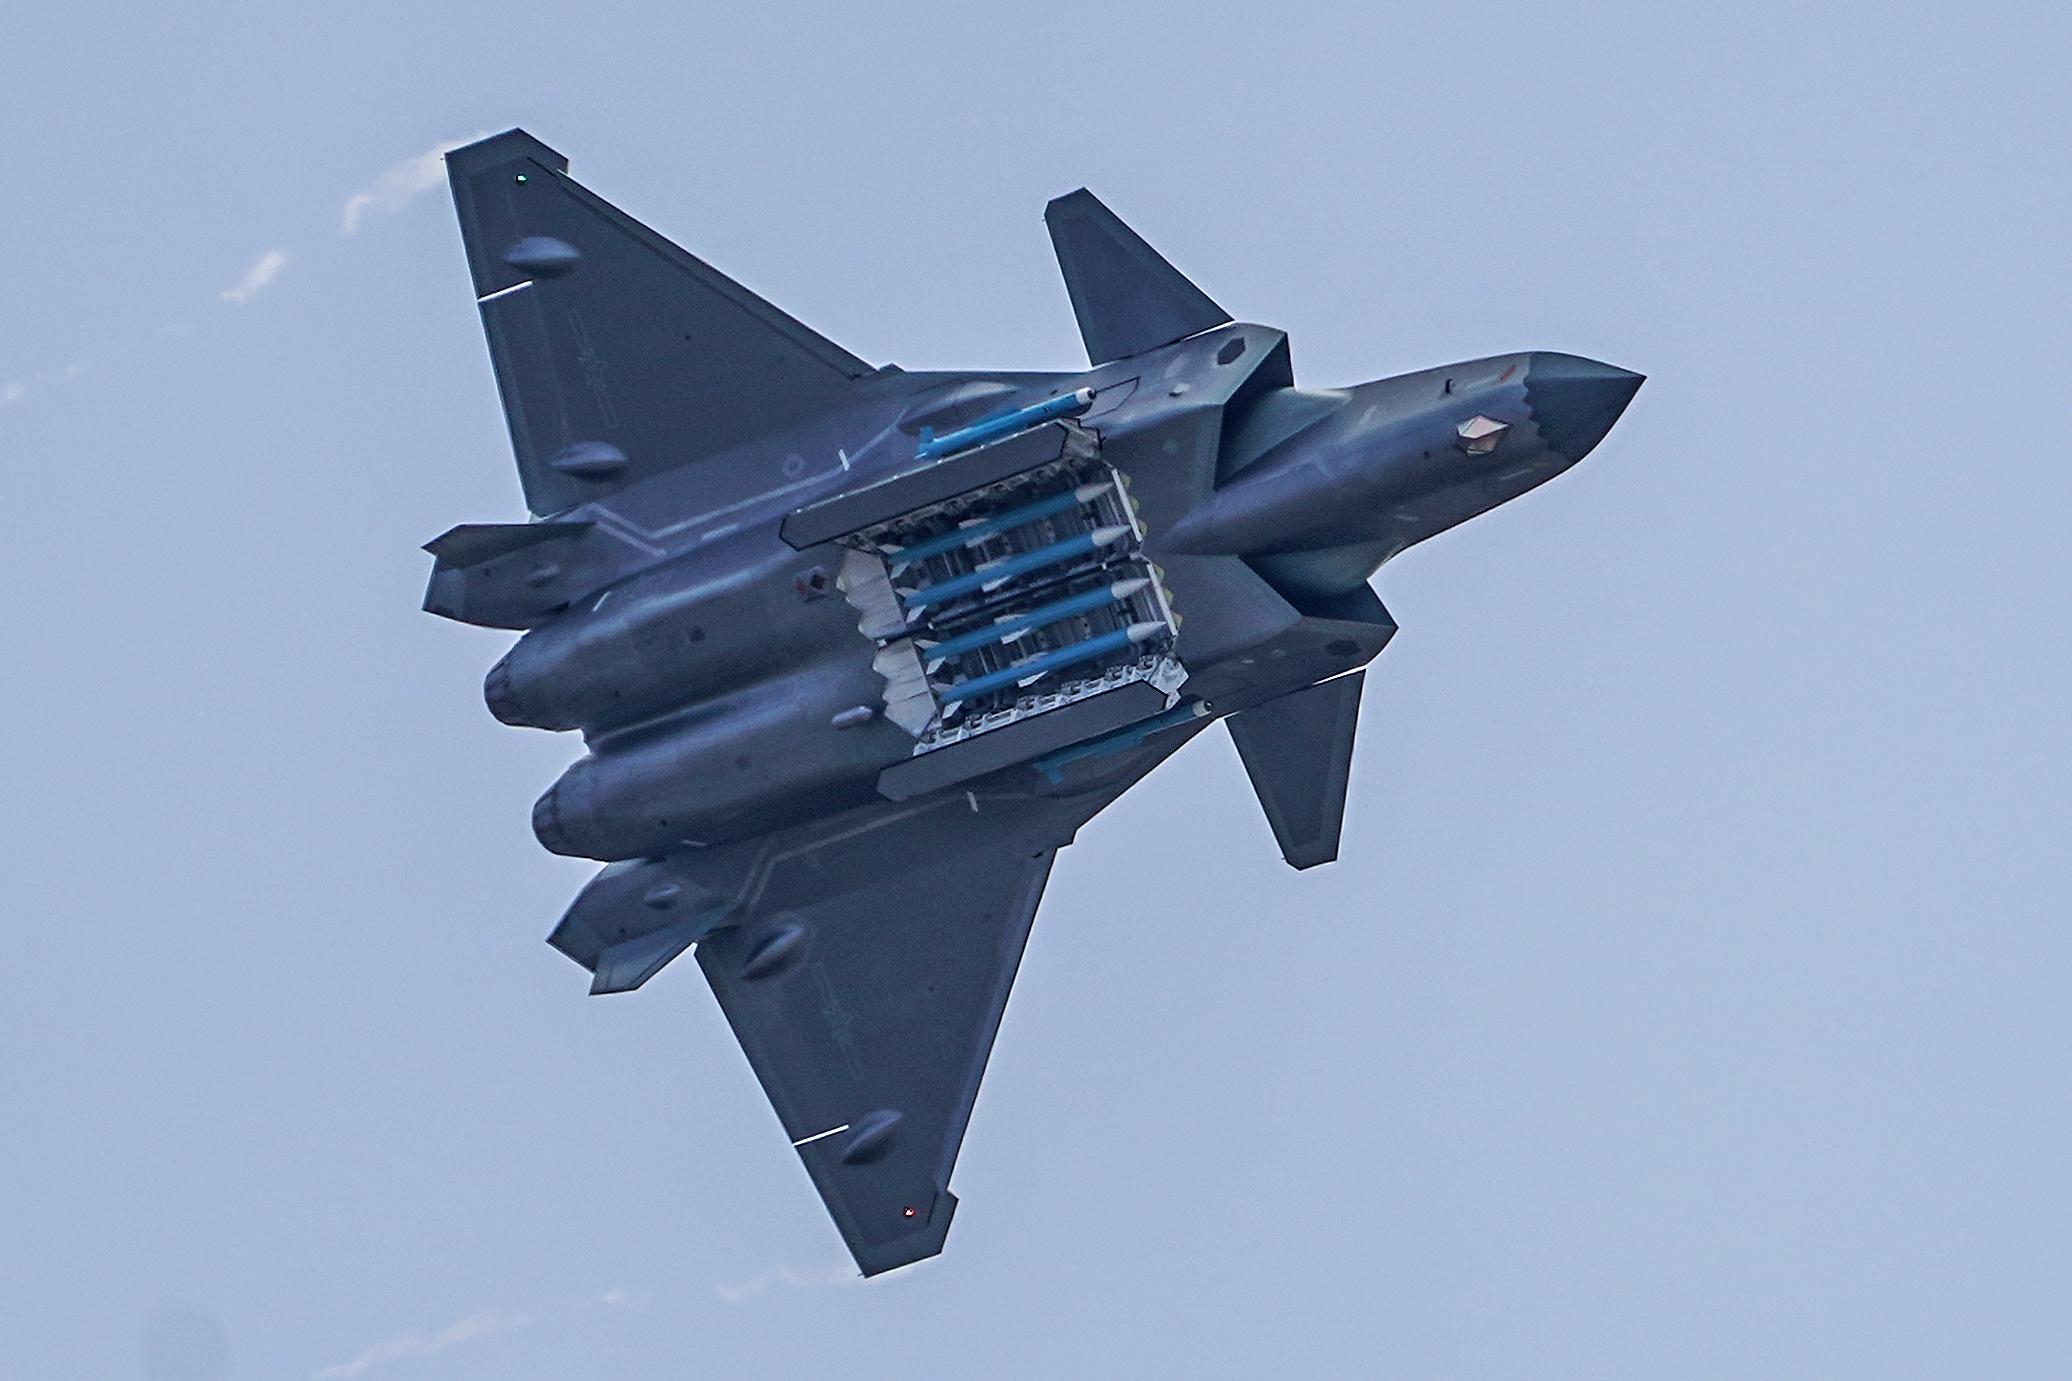 Le chasseur chinois post J-20 dès 2035 ? | East Pendulum